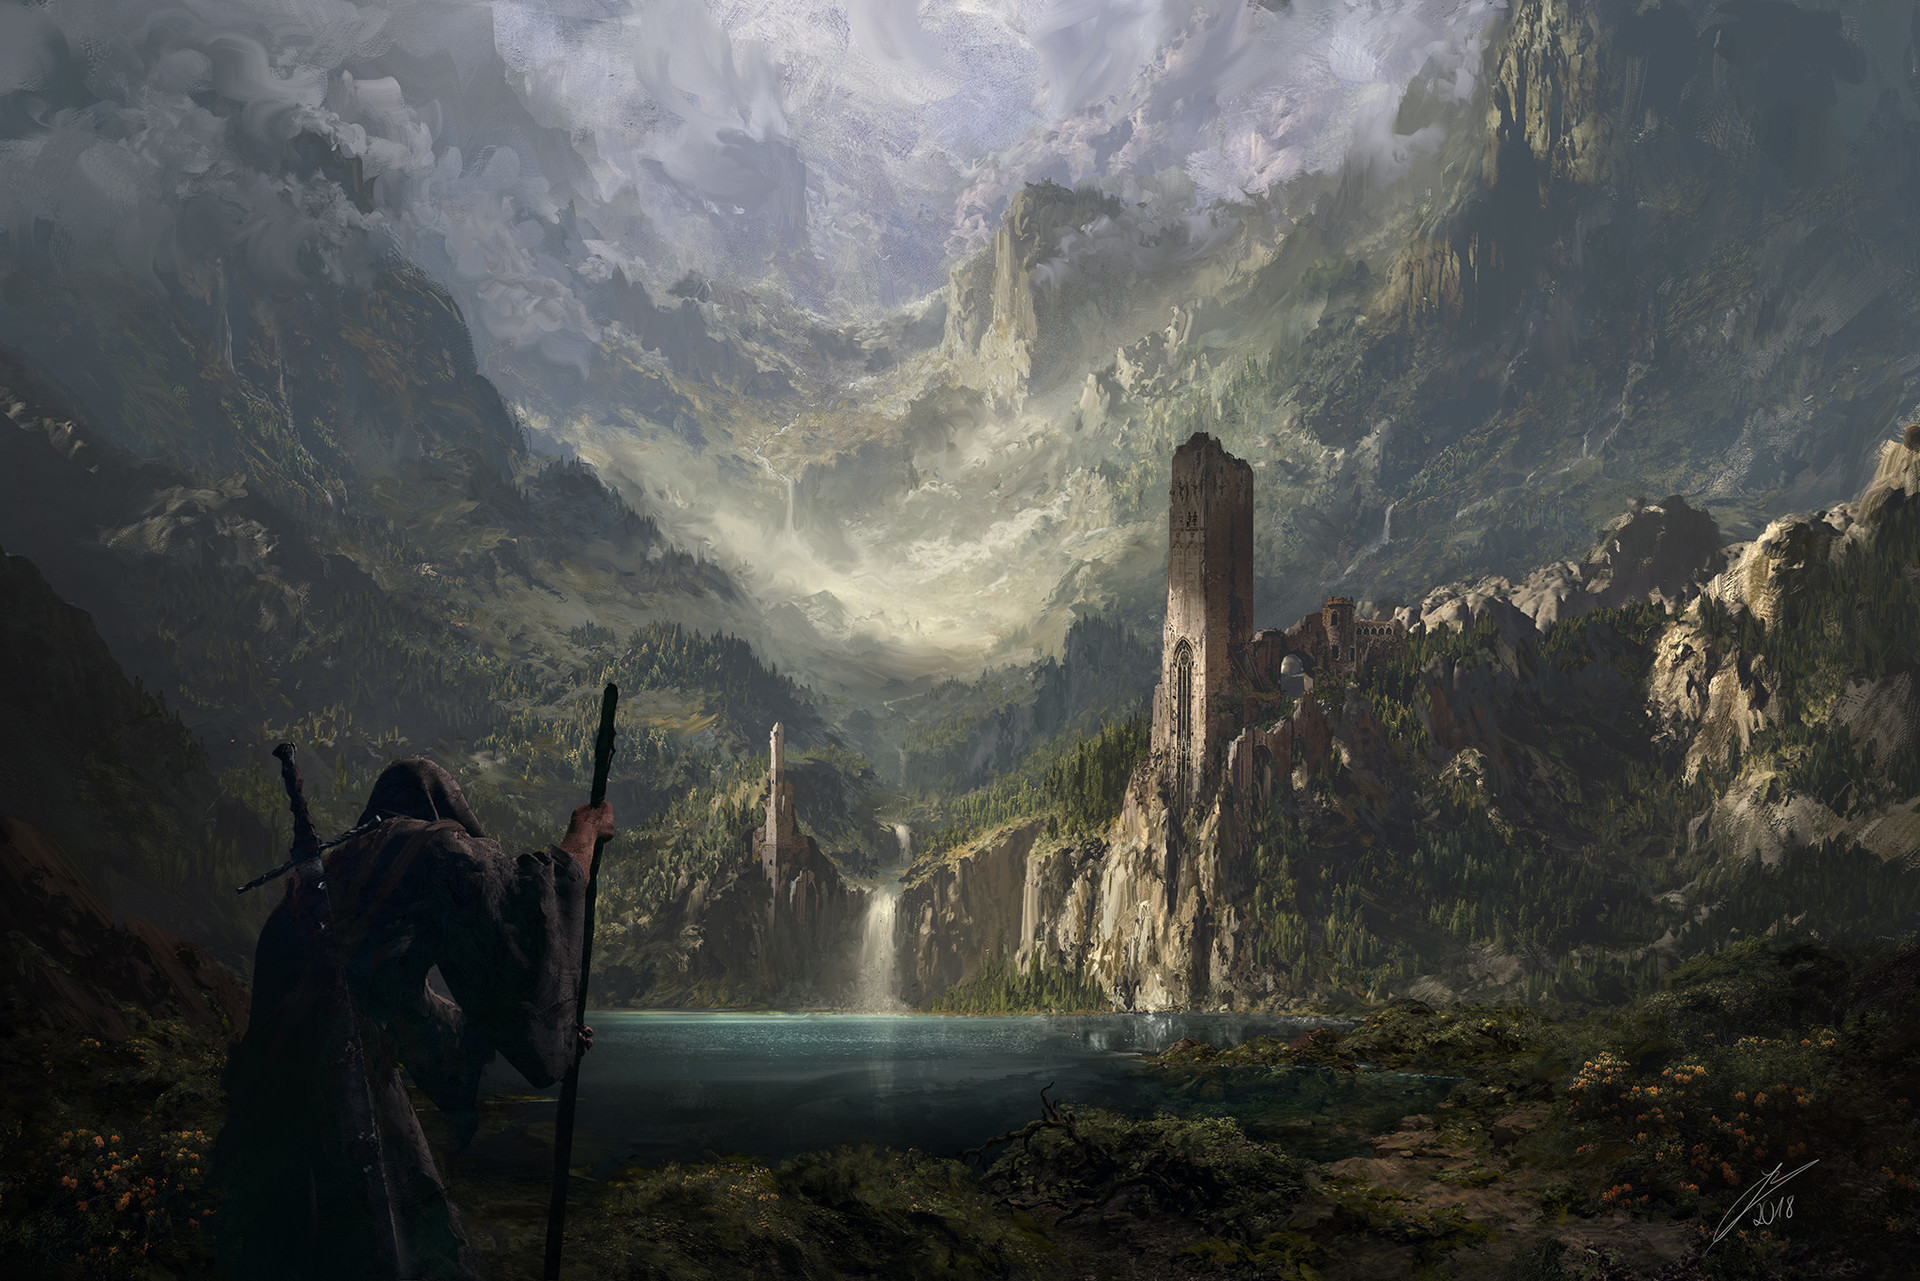 julian-bauer-lands-of-old-portfolio